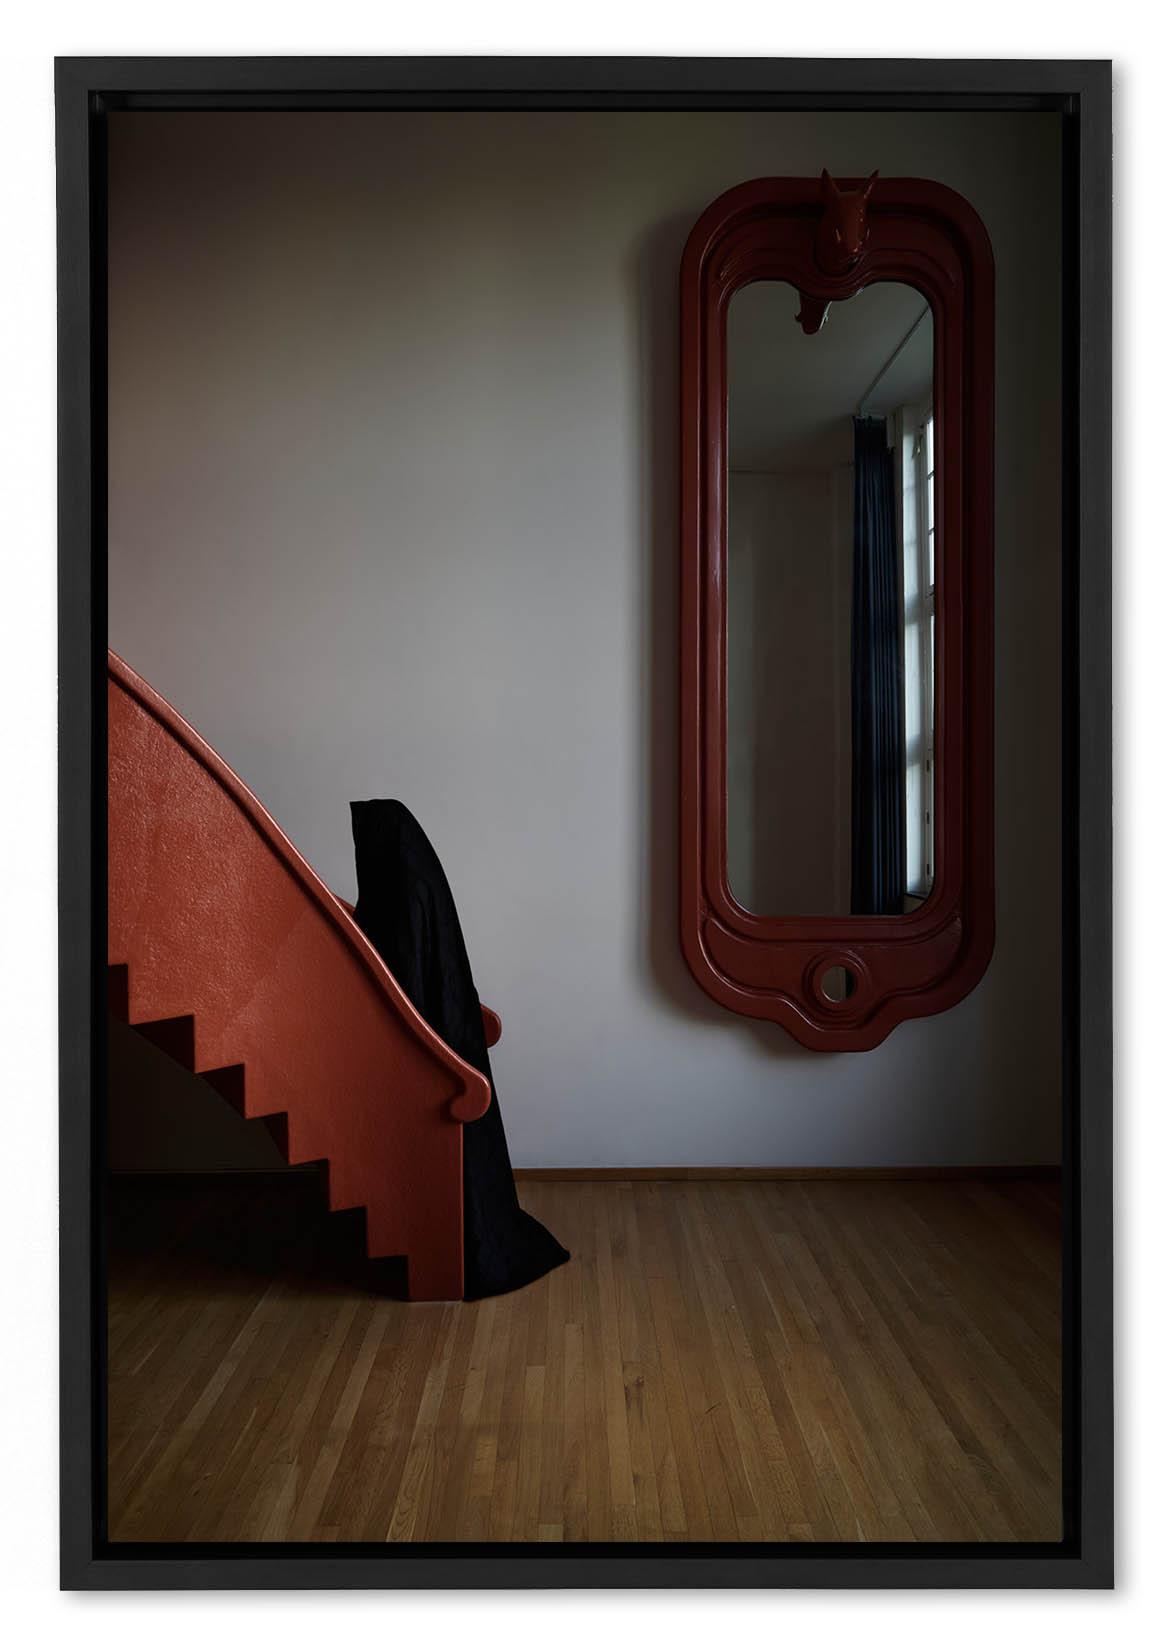 114_frame_1170